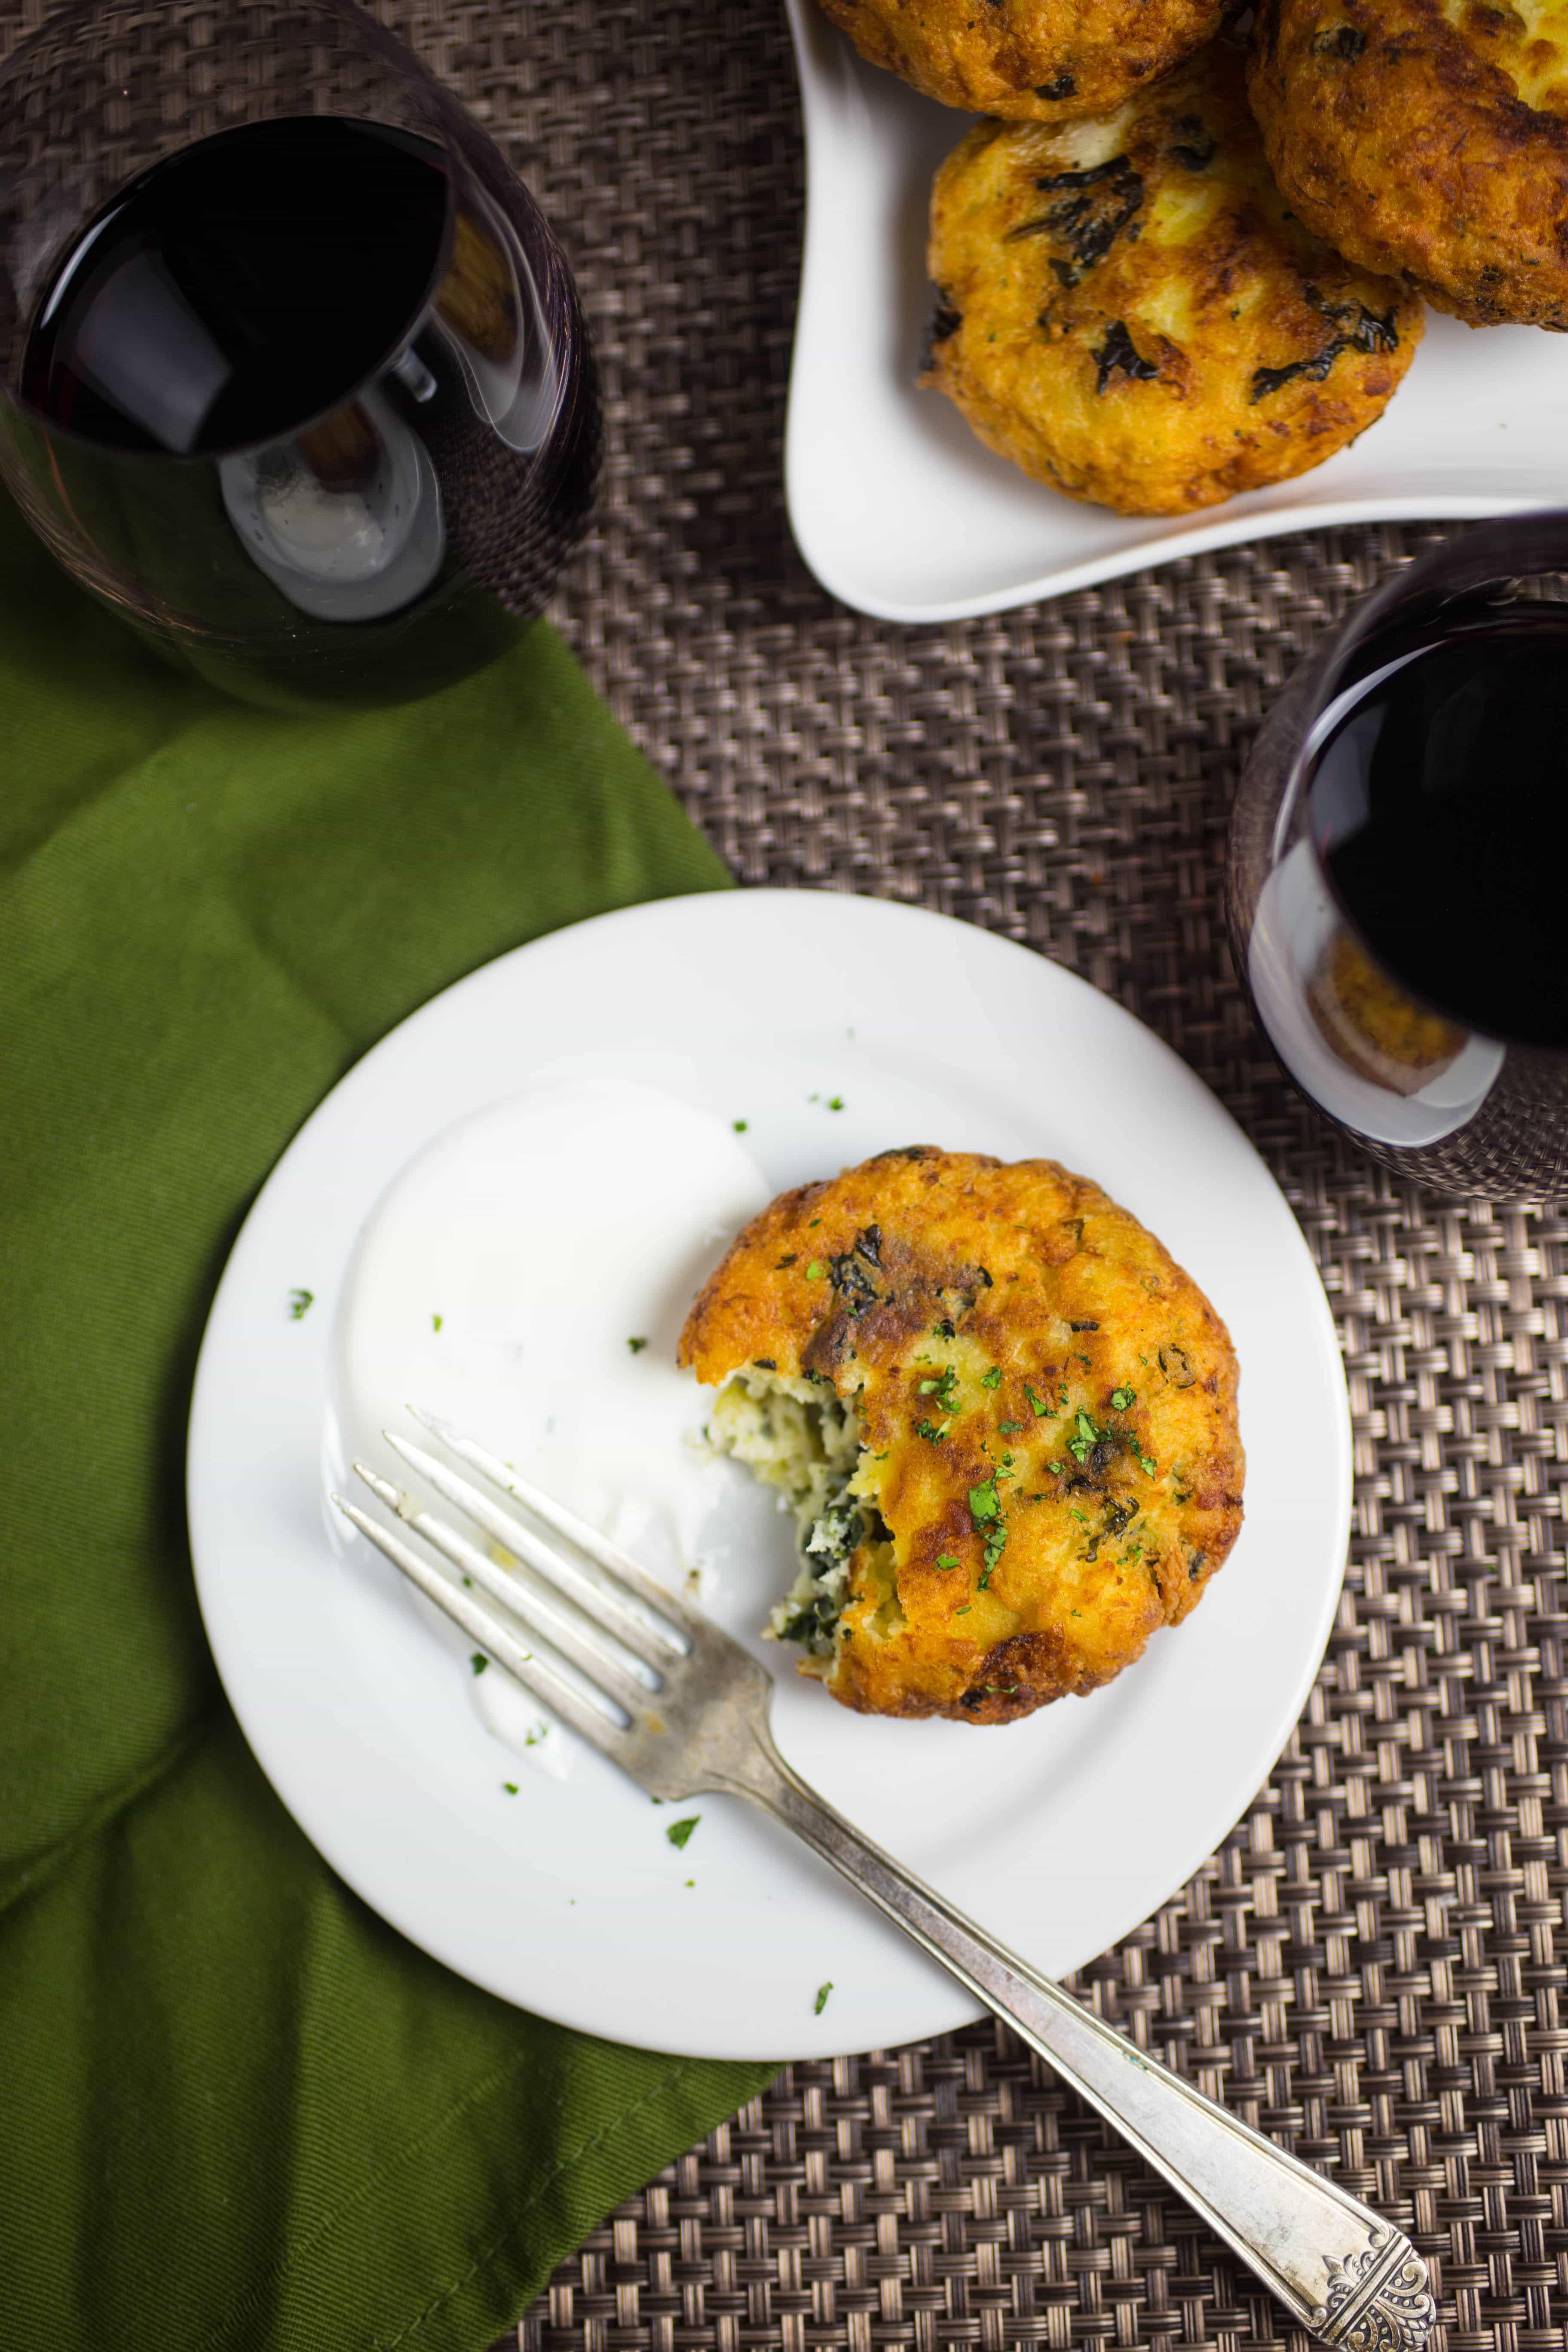 MashedPotatoPancakes 6 - Leftover Mashed Potato Pancakes Recipe